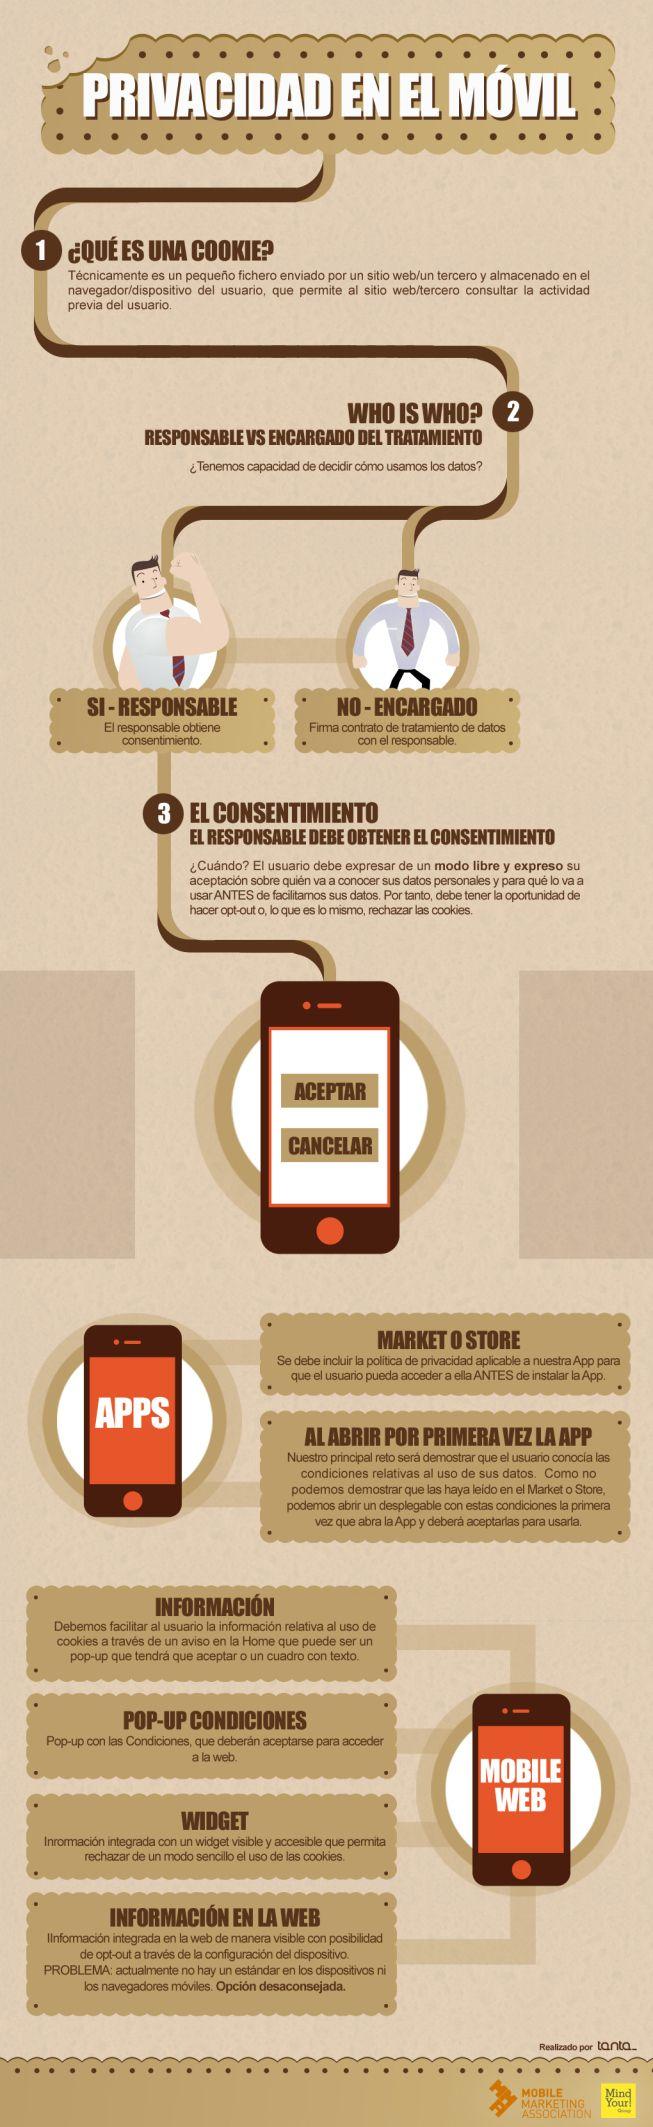 La privacitat als telèfons mòbils: cookies, condicions d'us i polítiques de privacitat.